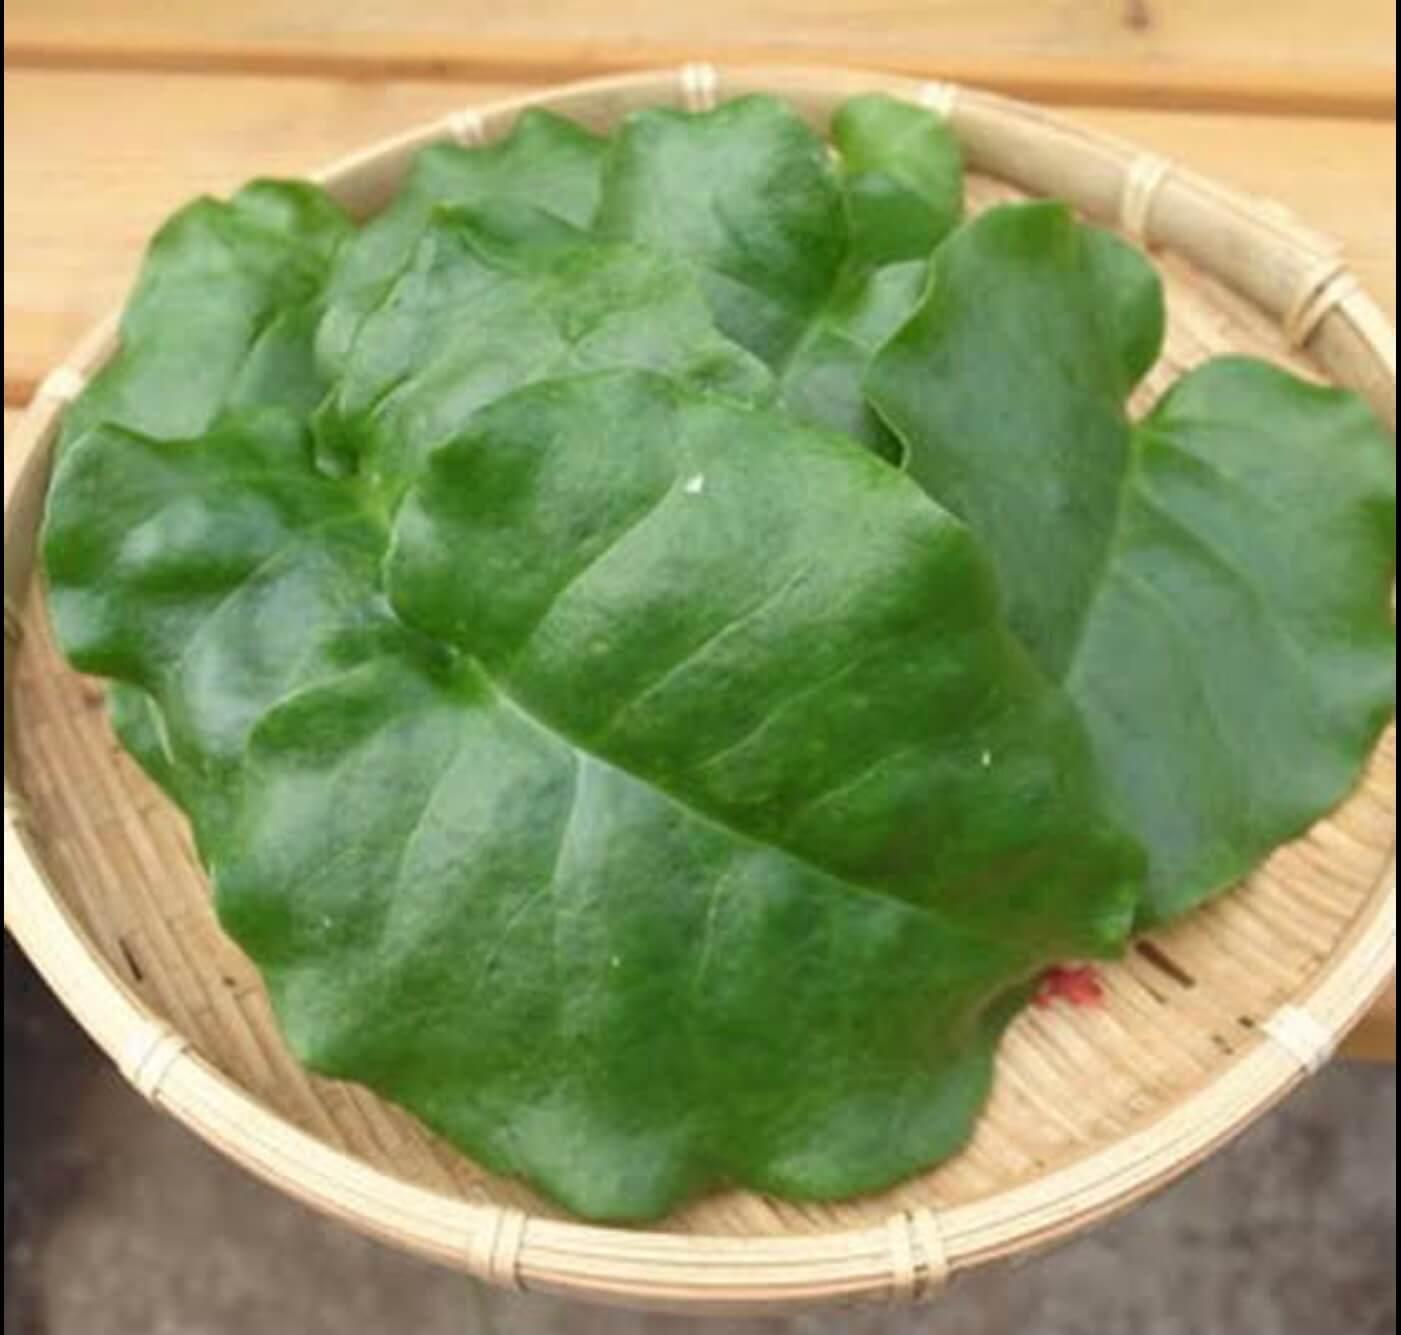 野菜がおいしいごはん|愛知県安城市 暮らしのお店野菜の紹介です【おかわかめ】